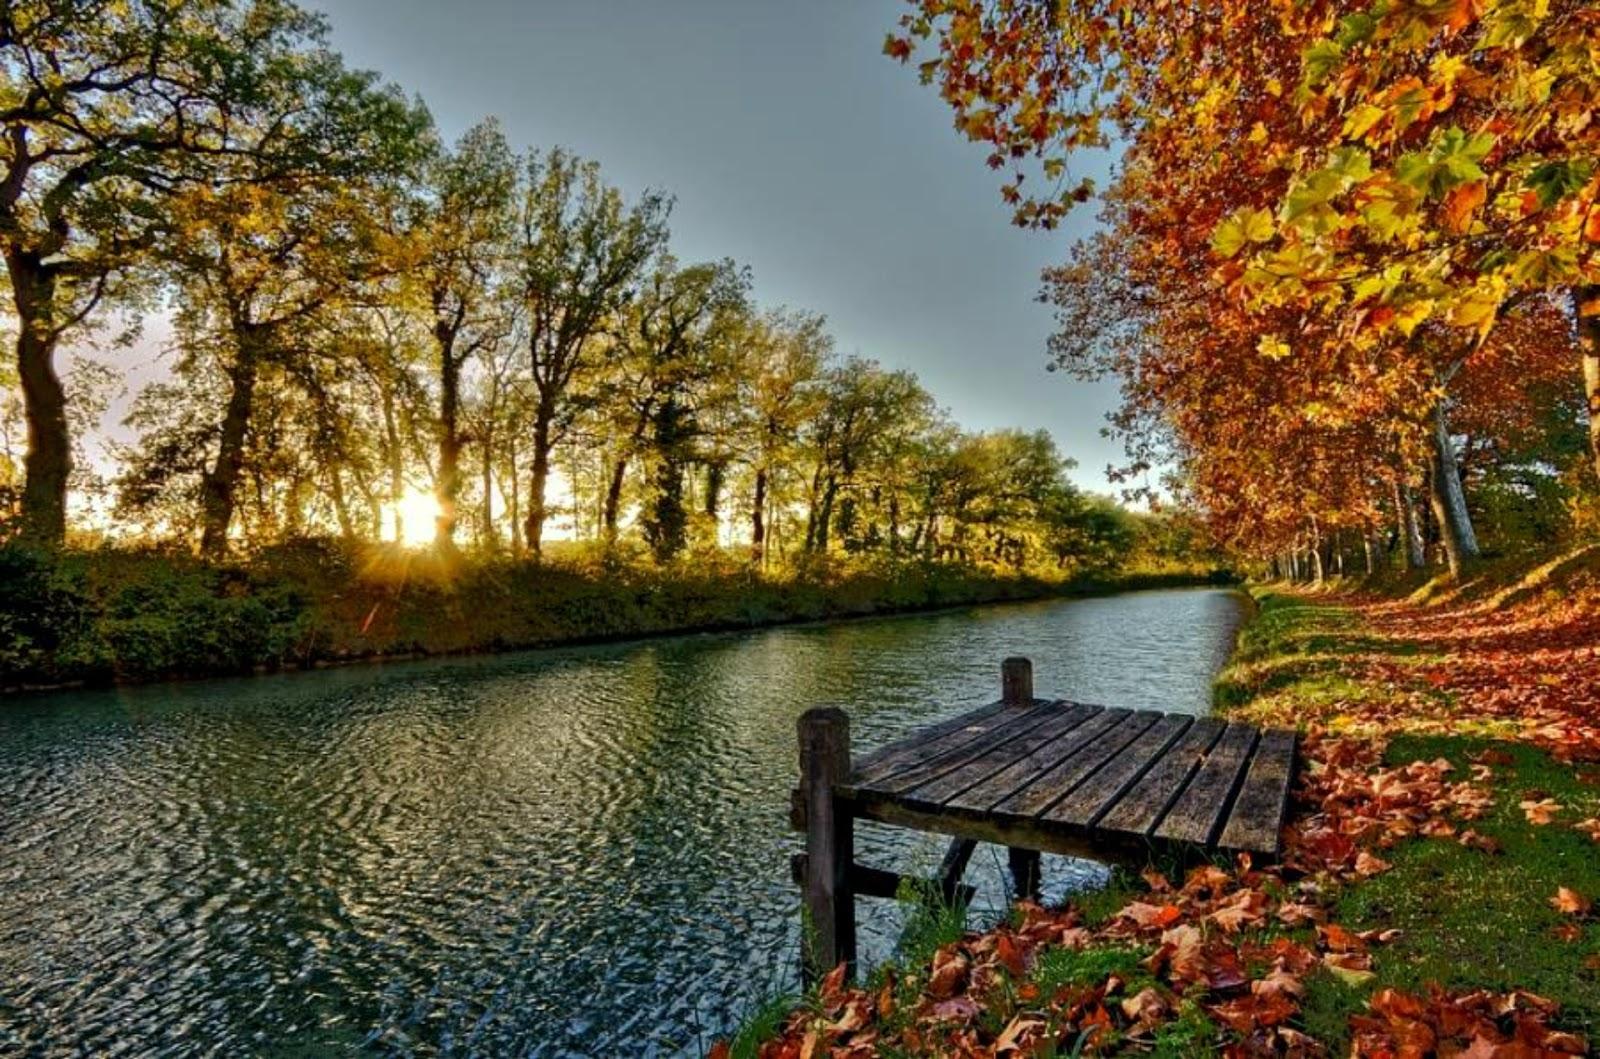 بالصور اروع الصور للطبيعة , شاهد بالصور ابداع الخالق فى الطبيعة 467